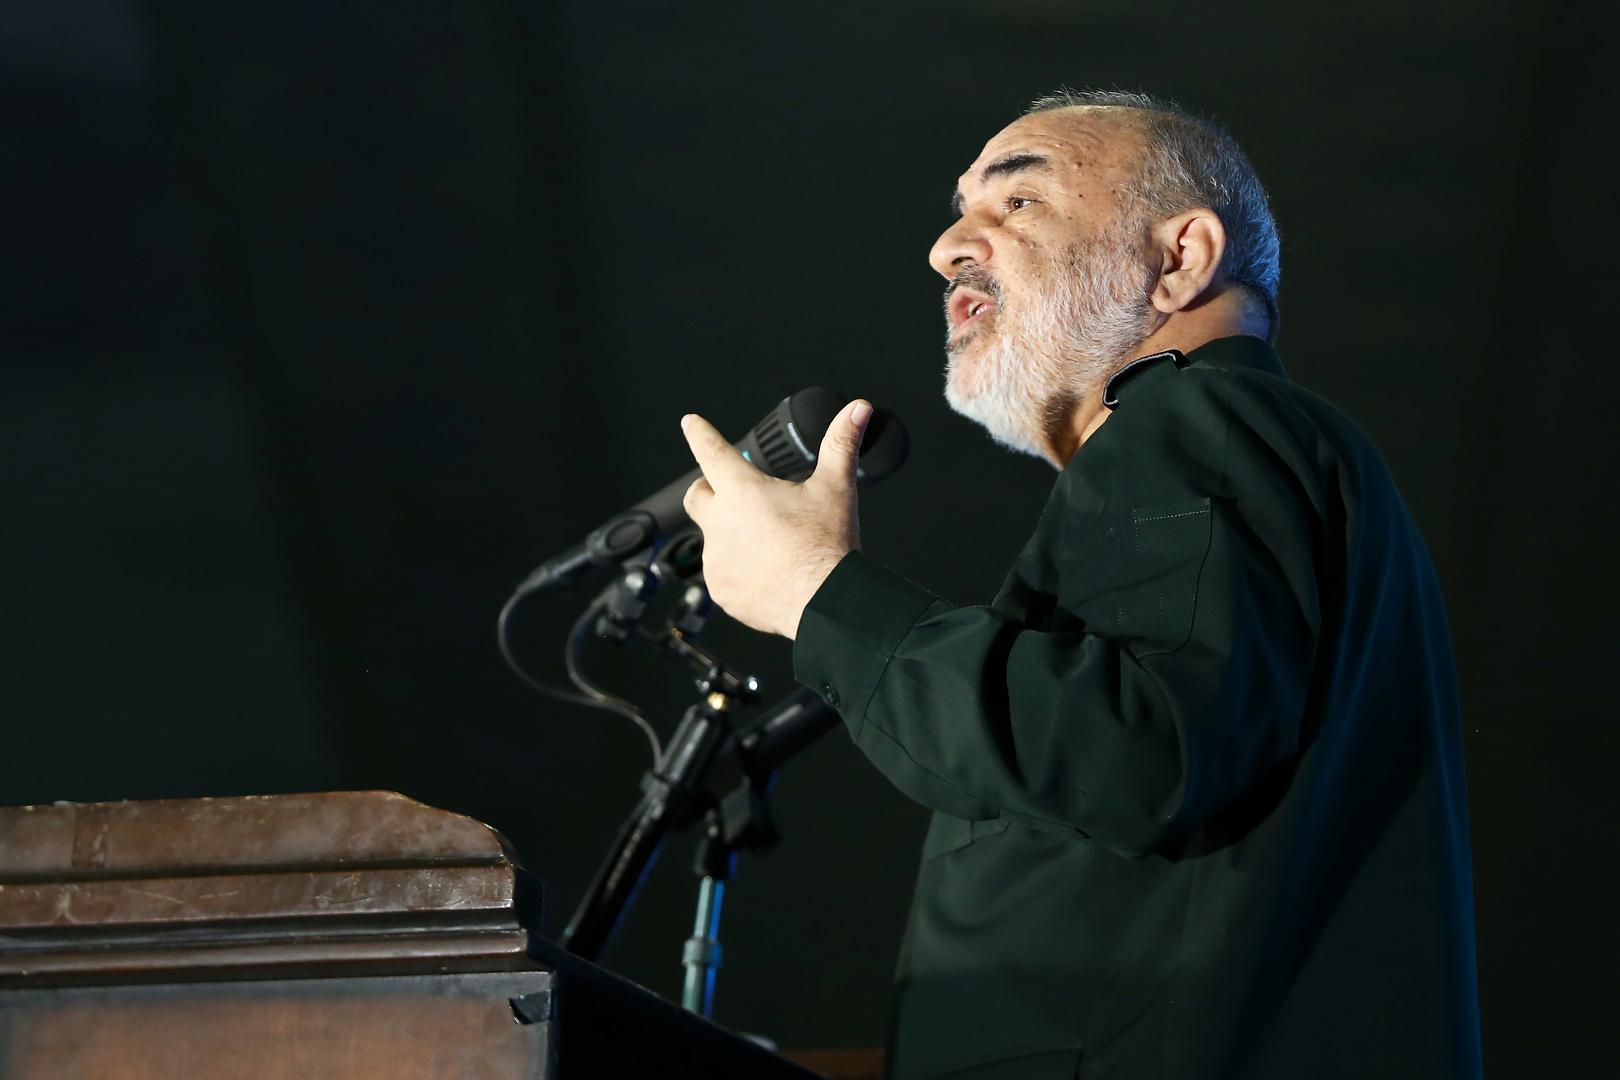 قائد الحرس الثوري في إيران حسين سلامي